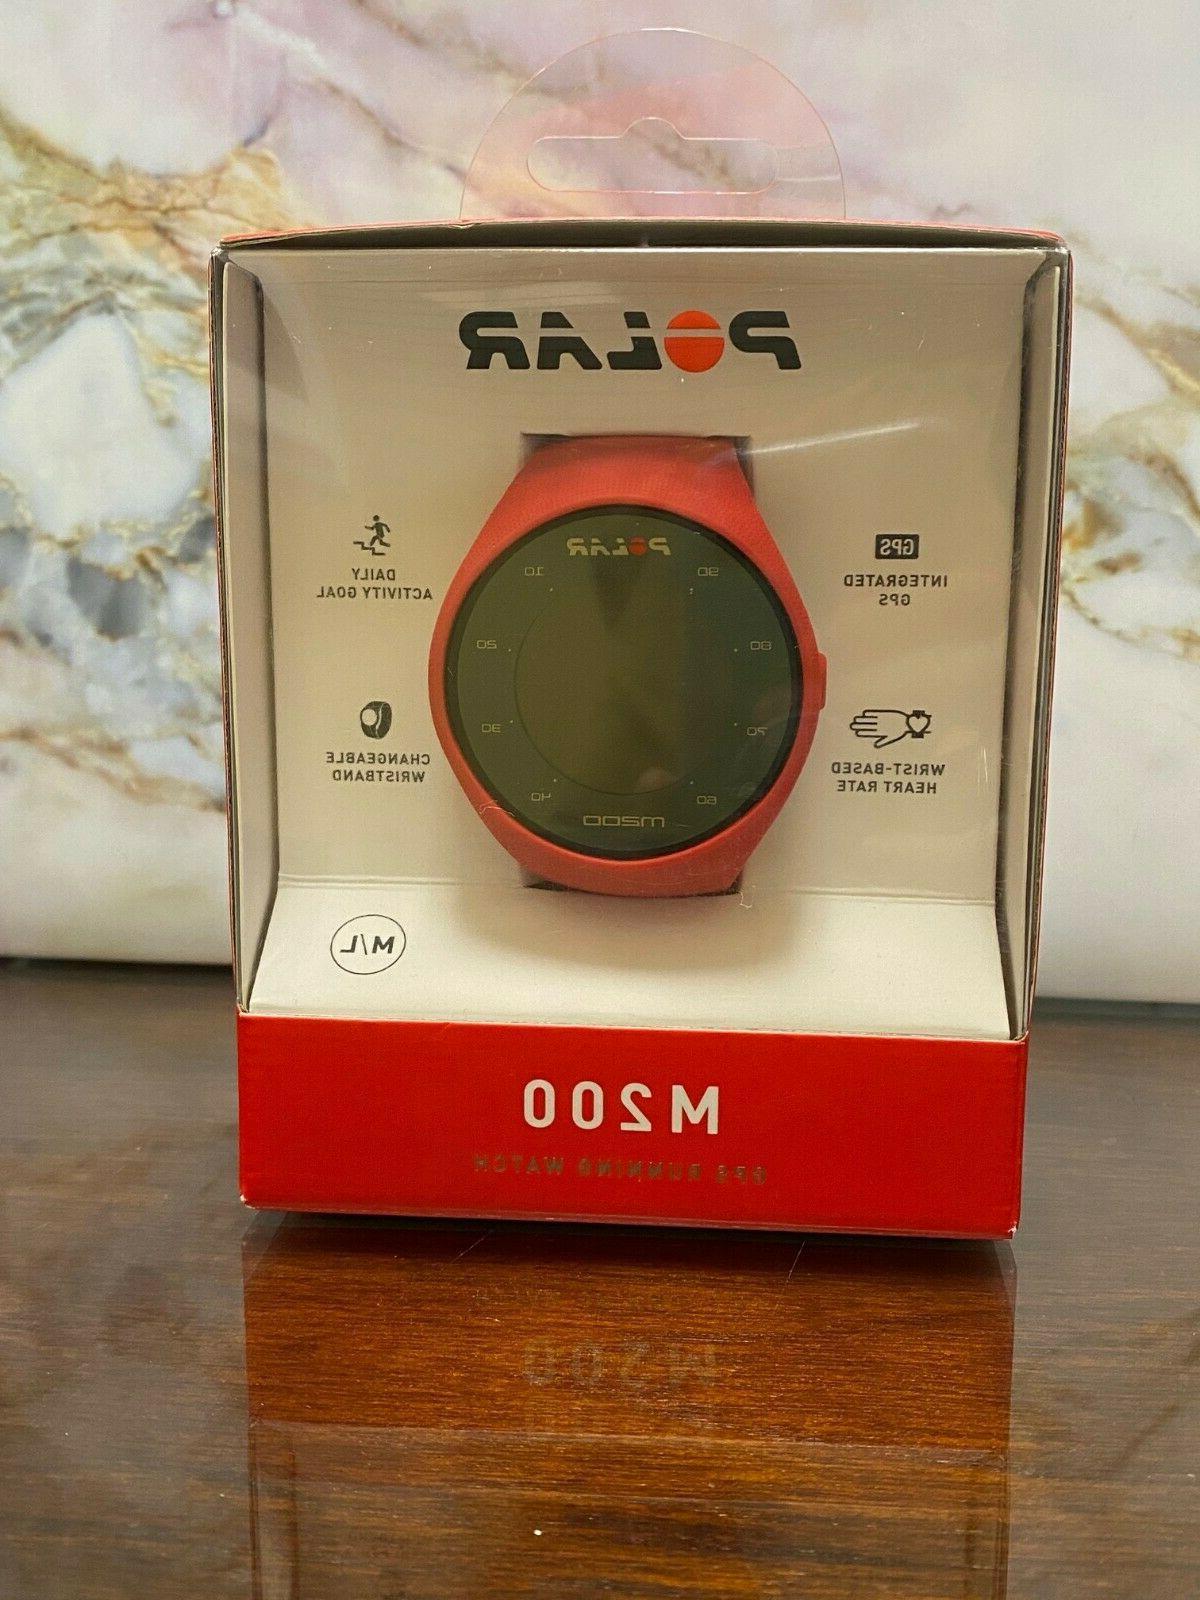 m200 waterproof wrist heart rate